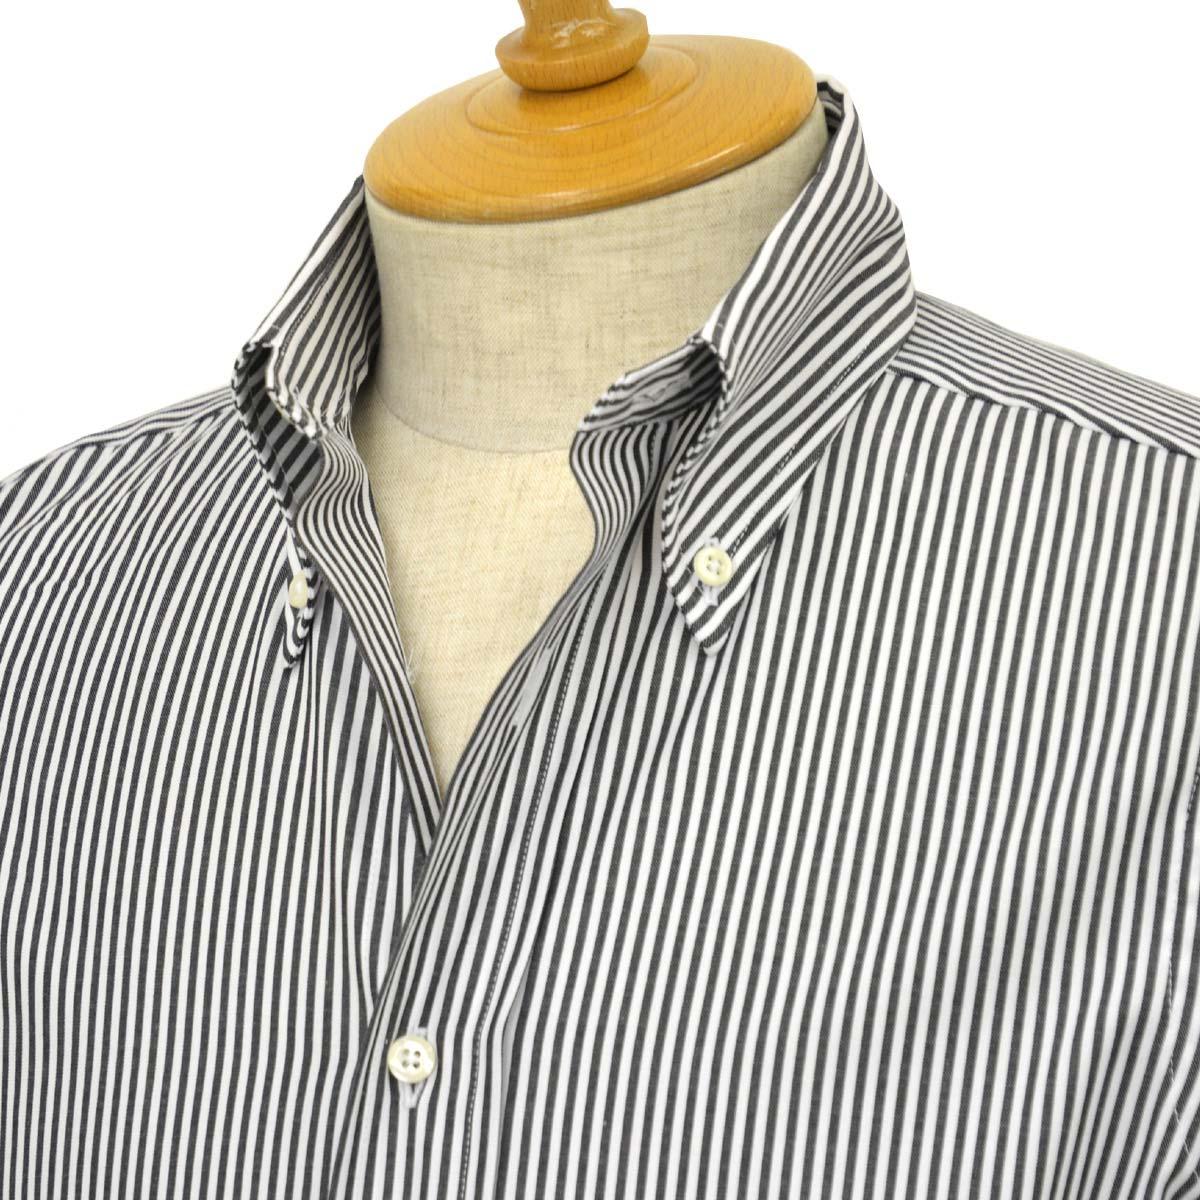 INDIVIDUALIZED SHIRTS【インディビジュアライズドシャツ】ボタンダウンシャツ slim fit OX stripe (スリムフィット オックスストライプ)コットン ブラック